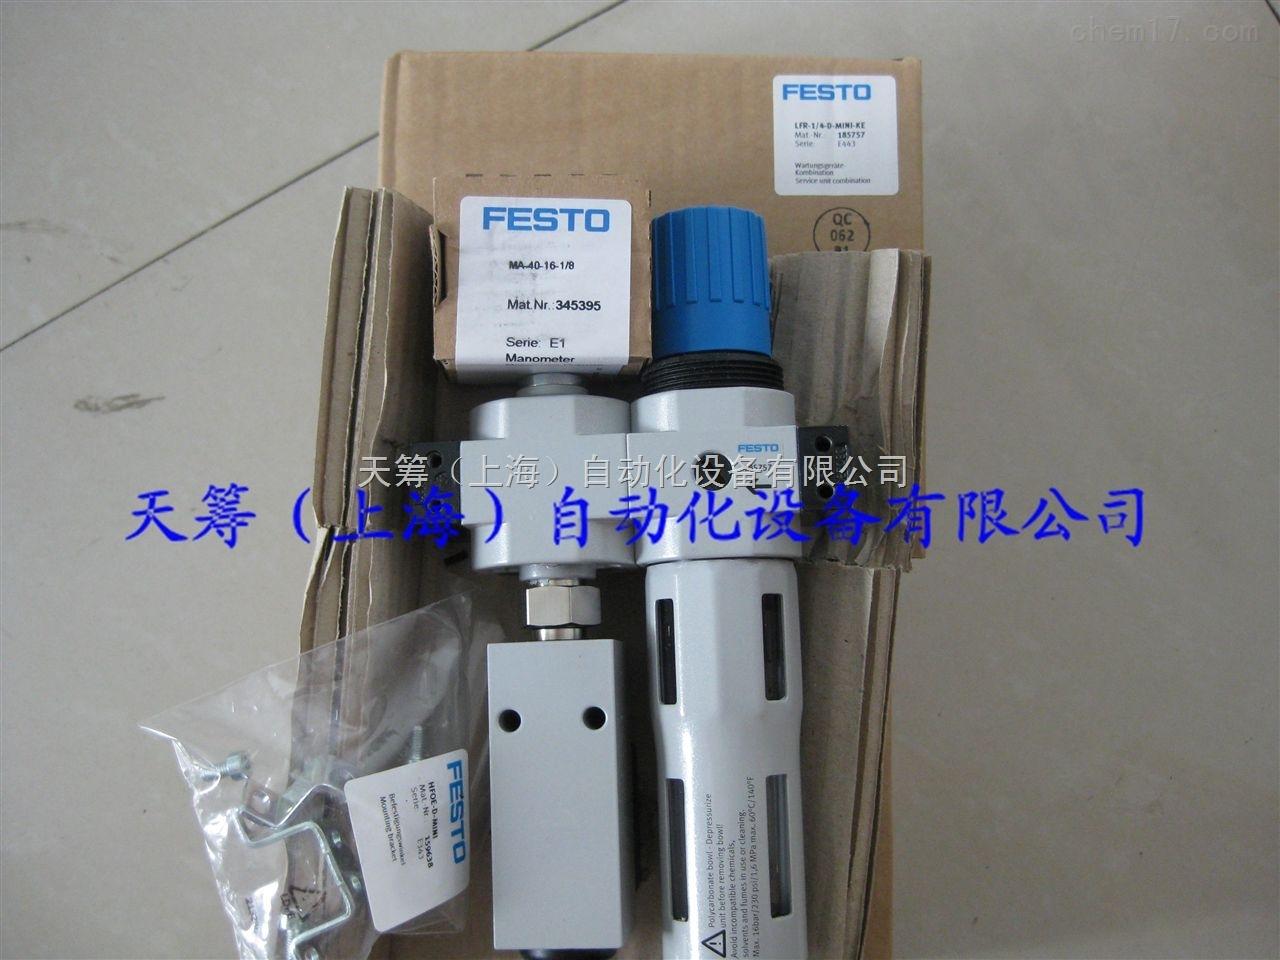 FESTO气源处理组件LFR-1/4-D-MINI-KE